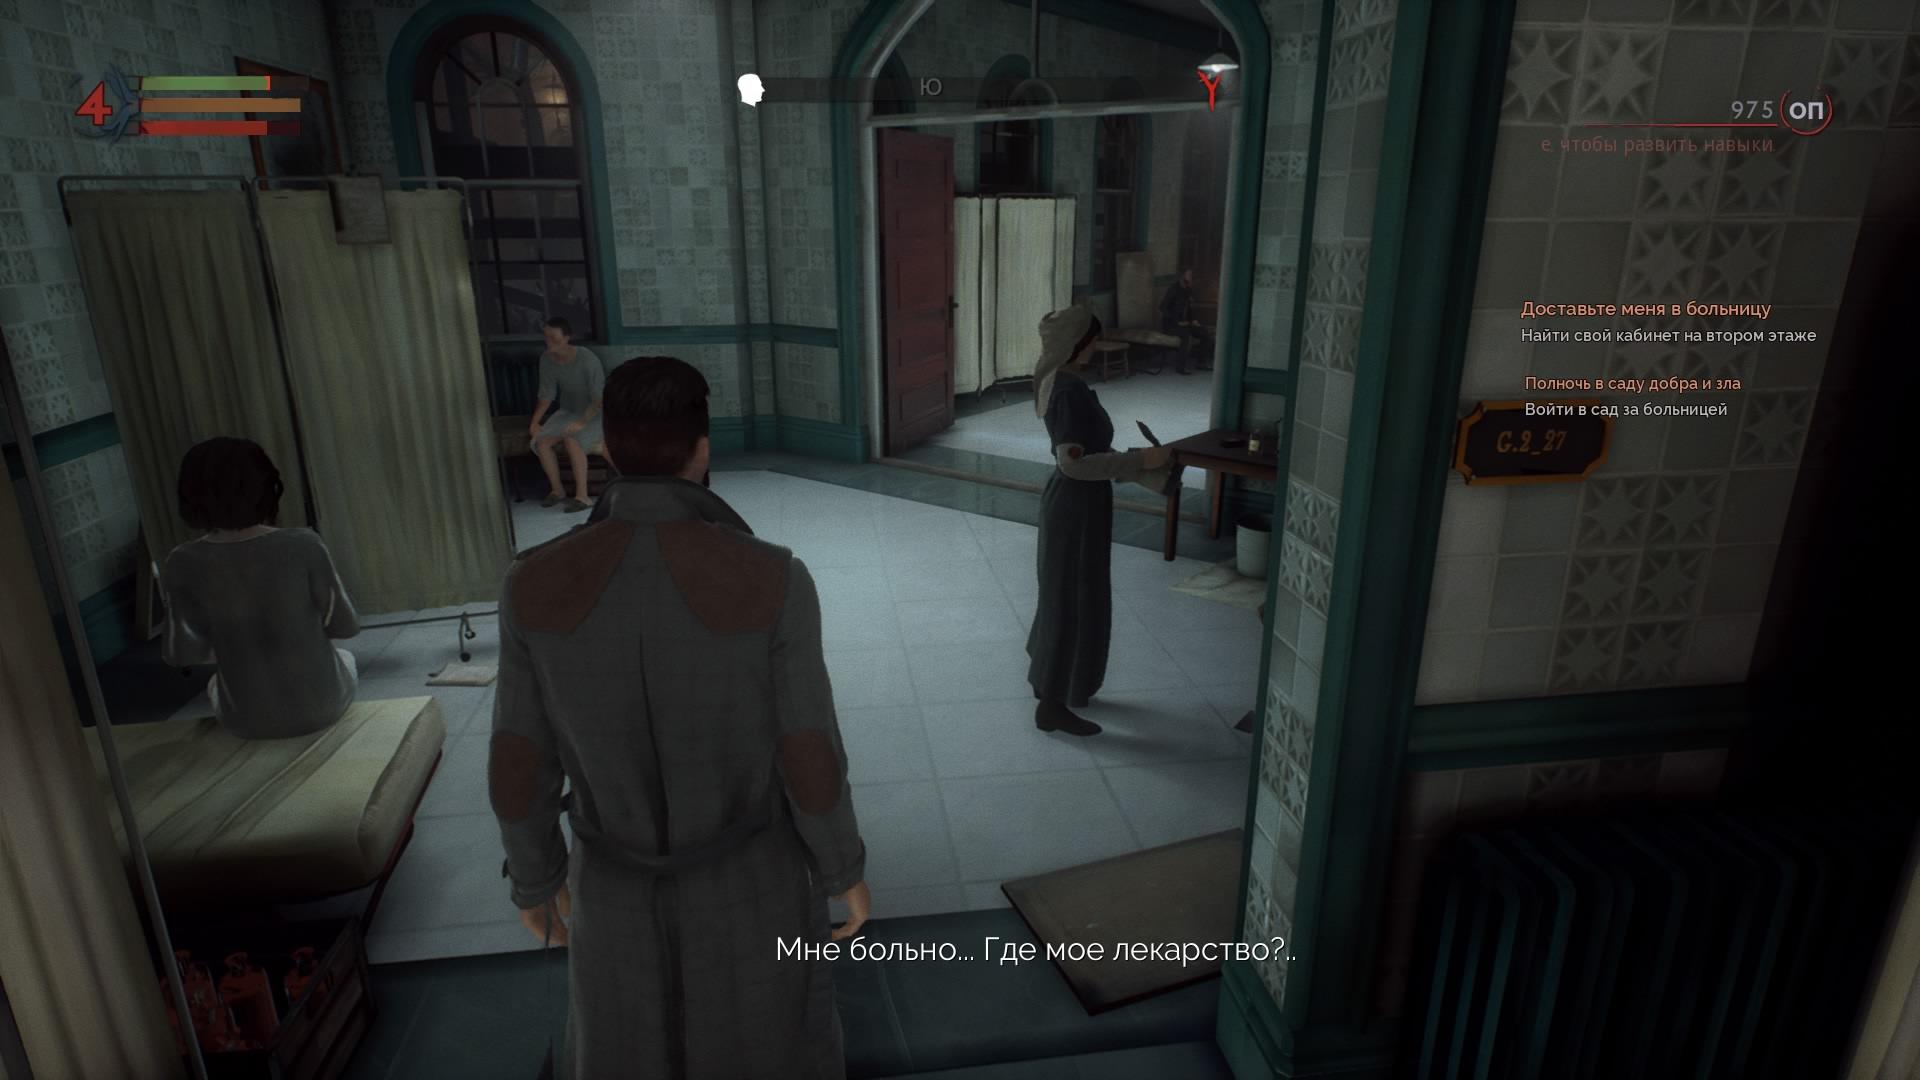 Надпись на скриншоте удивительно точно совпадает с впечатлениями автора о Vampyr во время прохождения.